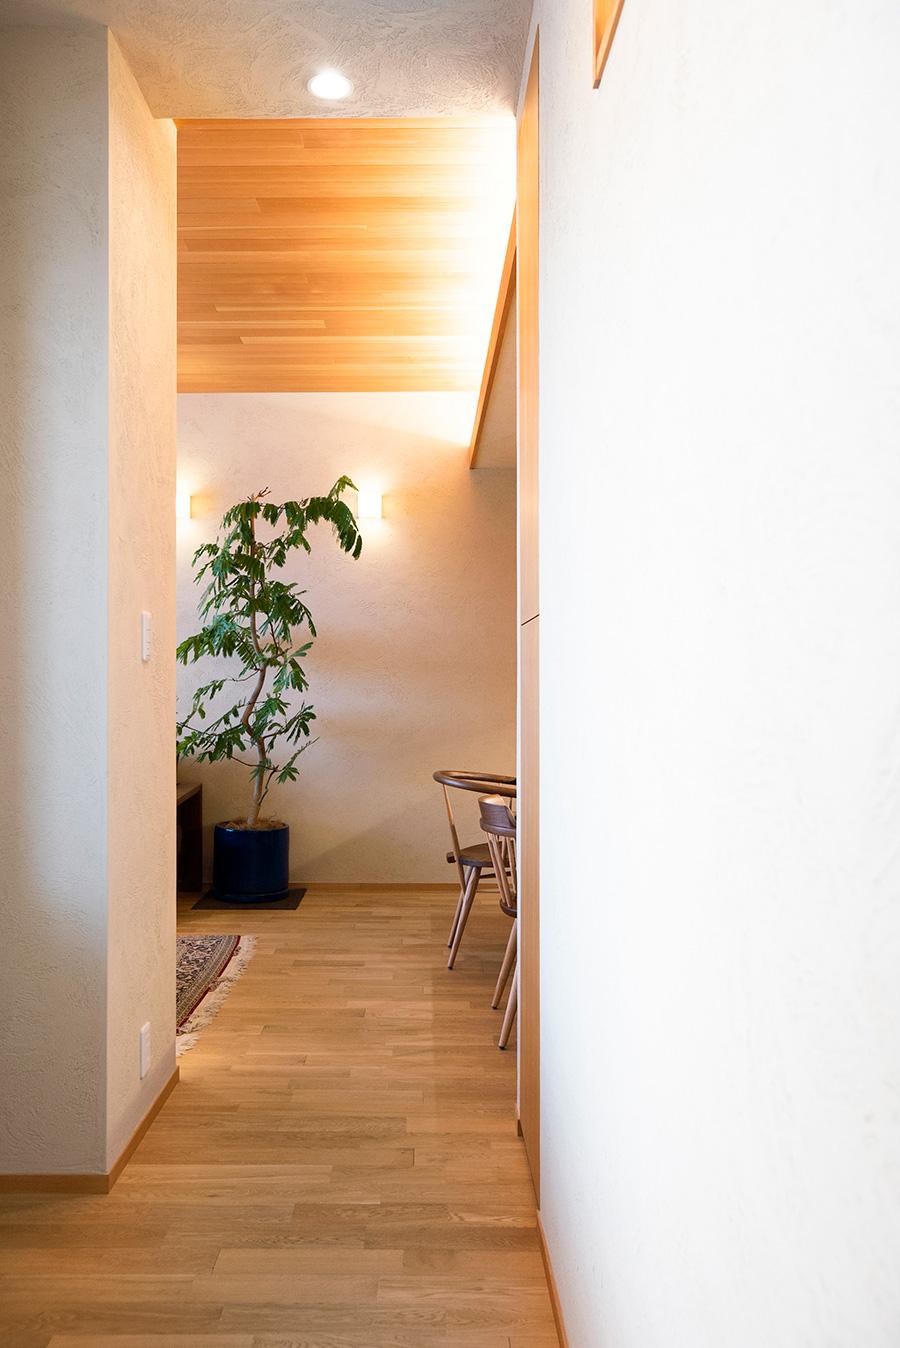 LDKから勉強部屋、奥の和室へとつながり、ぐるりと回遊できる造りになっている。